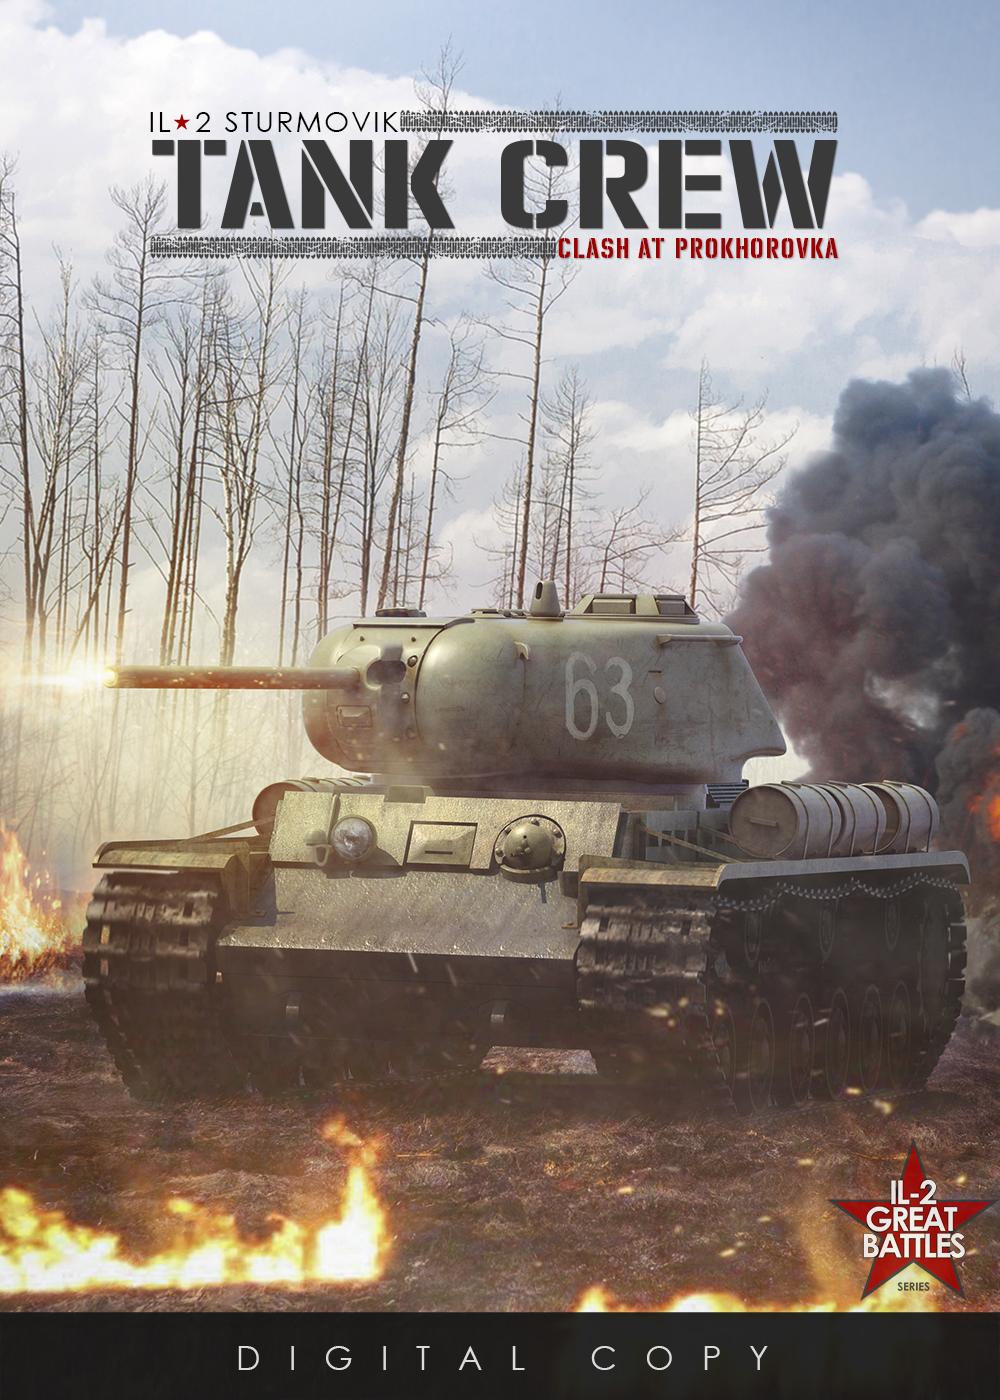 tank_crew_artwork_kv1s_en.jpg